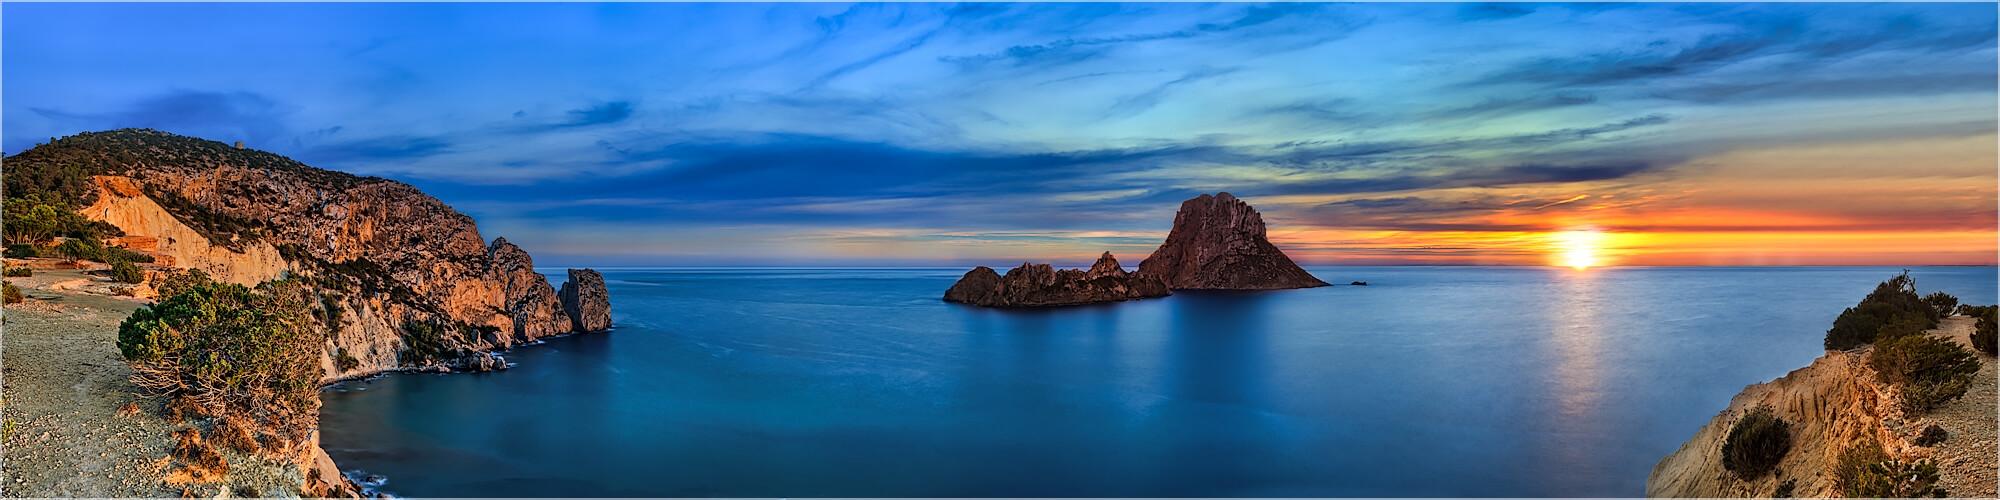 Panoramabild Ibiza Torre de Pirata Es Vedra Felsen